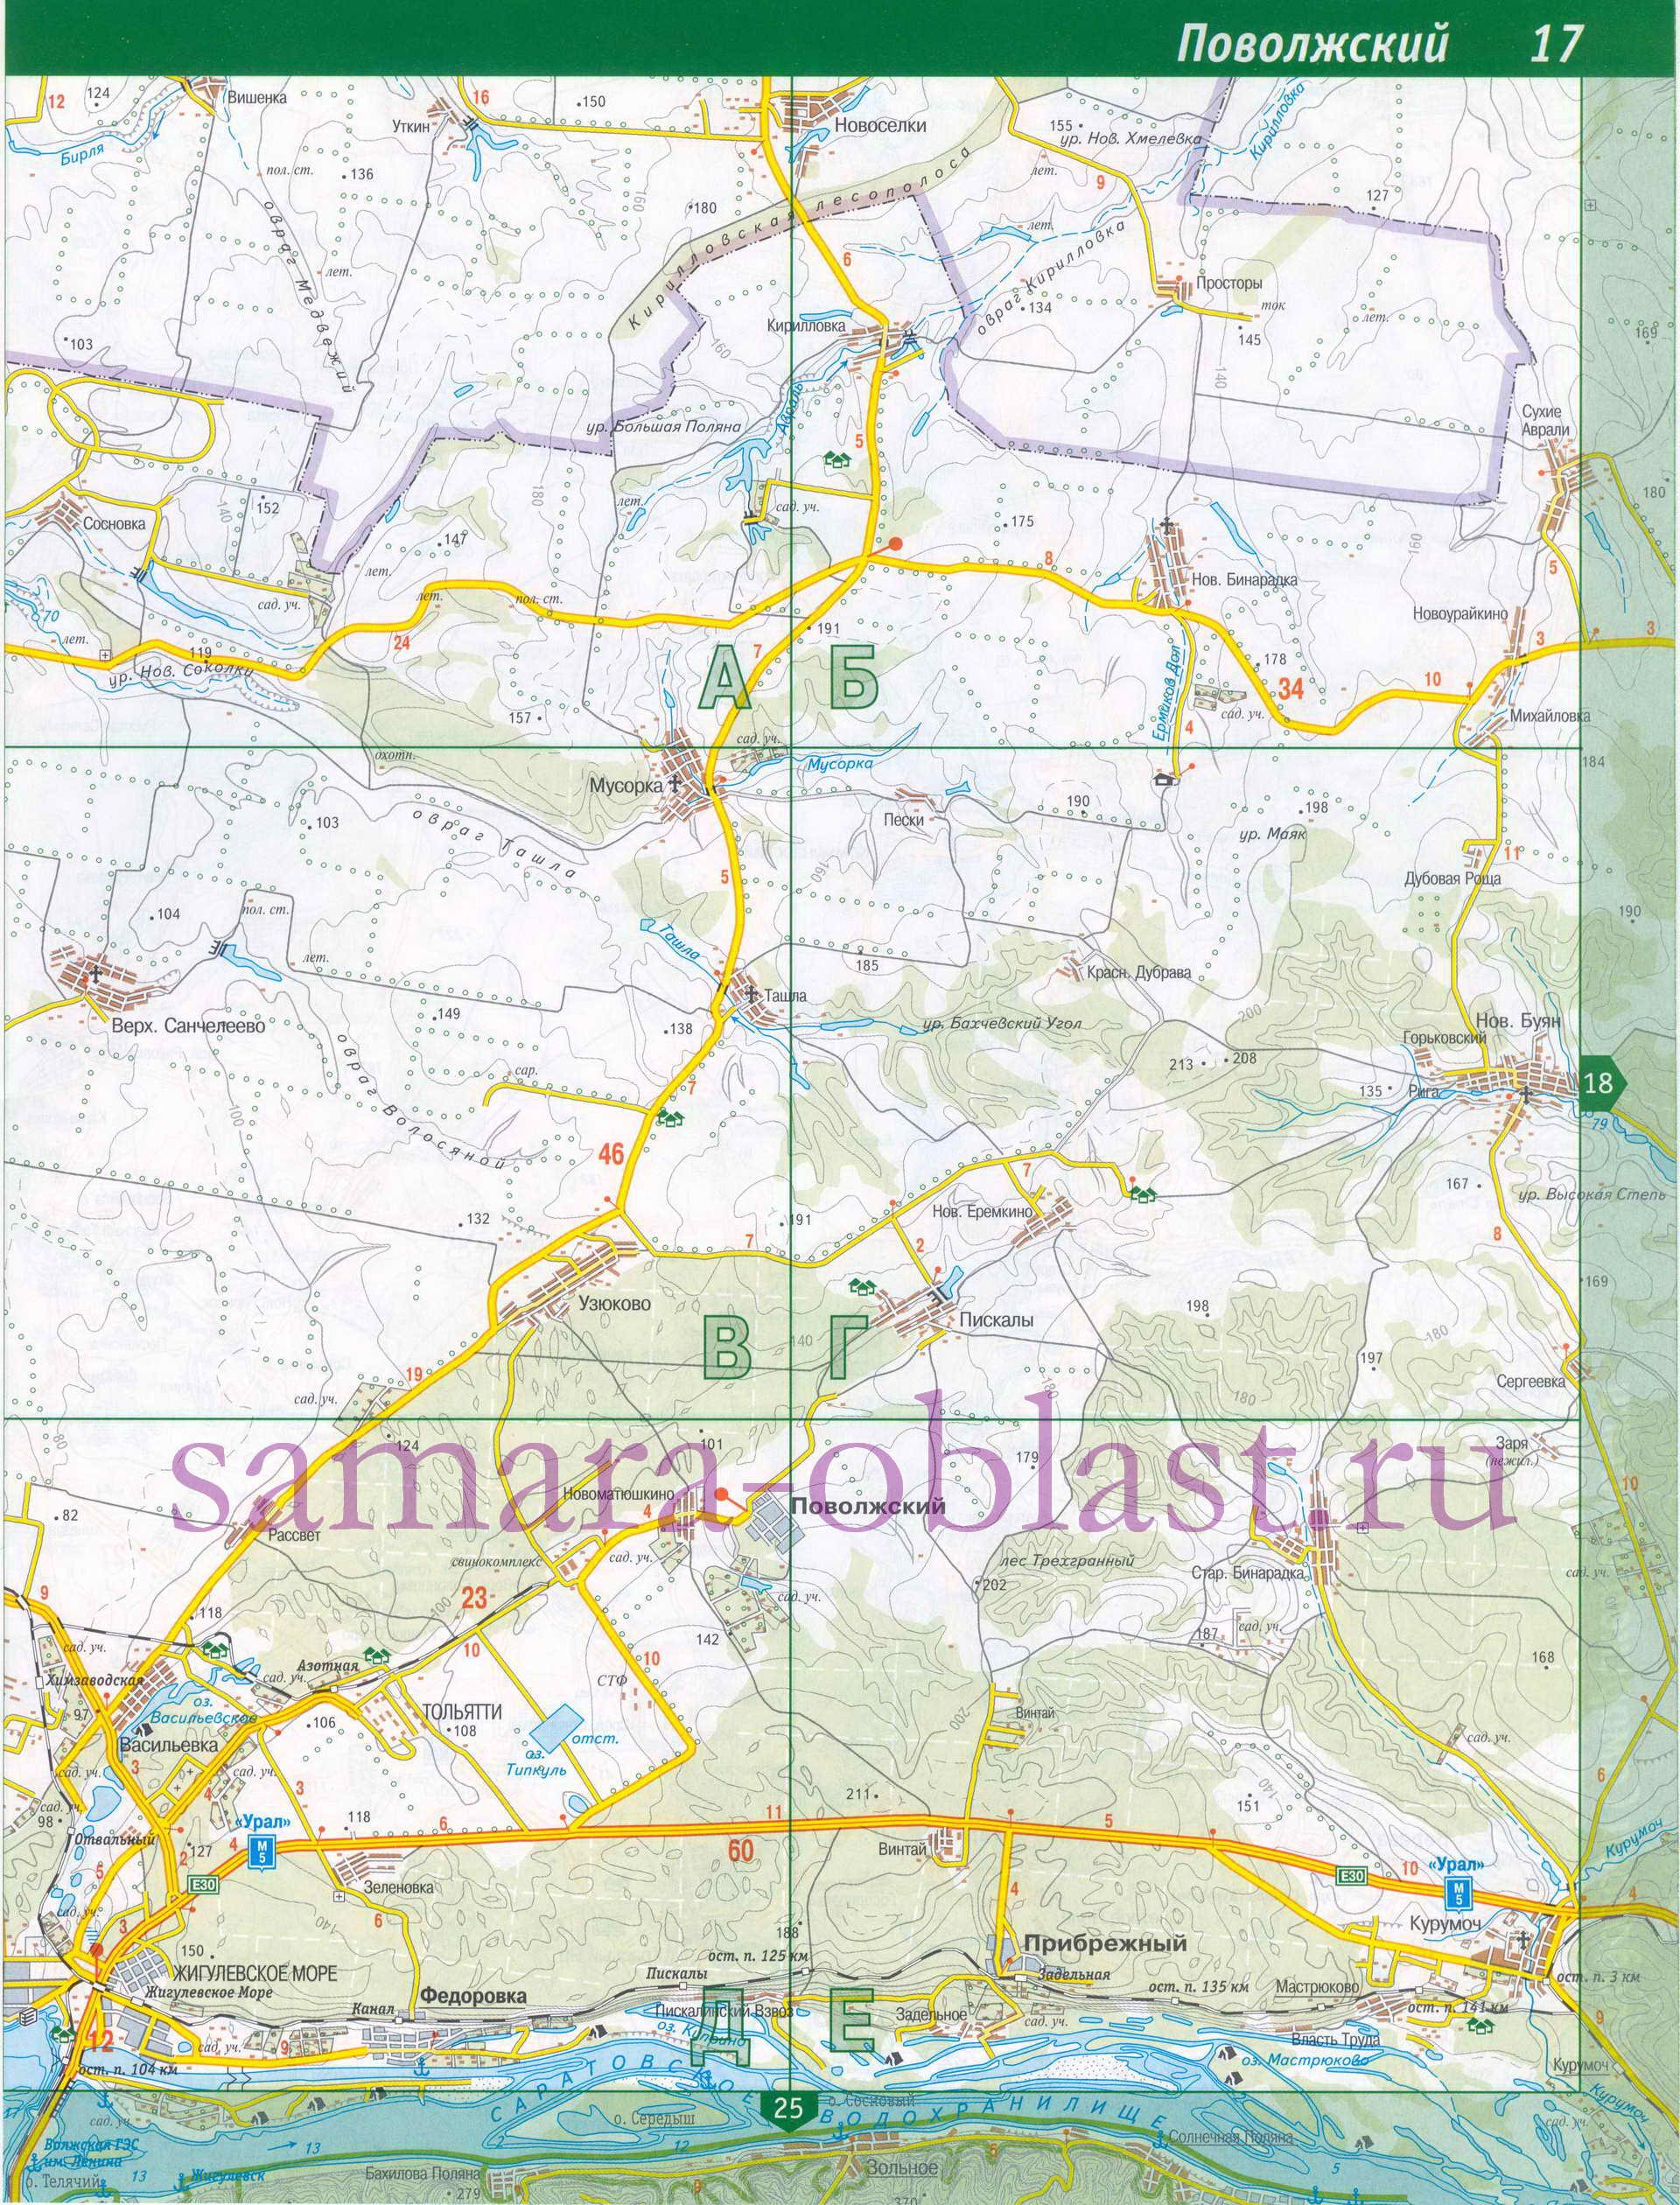 имущество погода в самарской области в ставропольском районе панорамный земельный участок